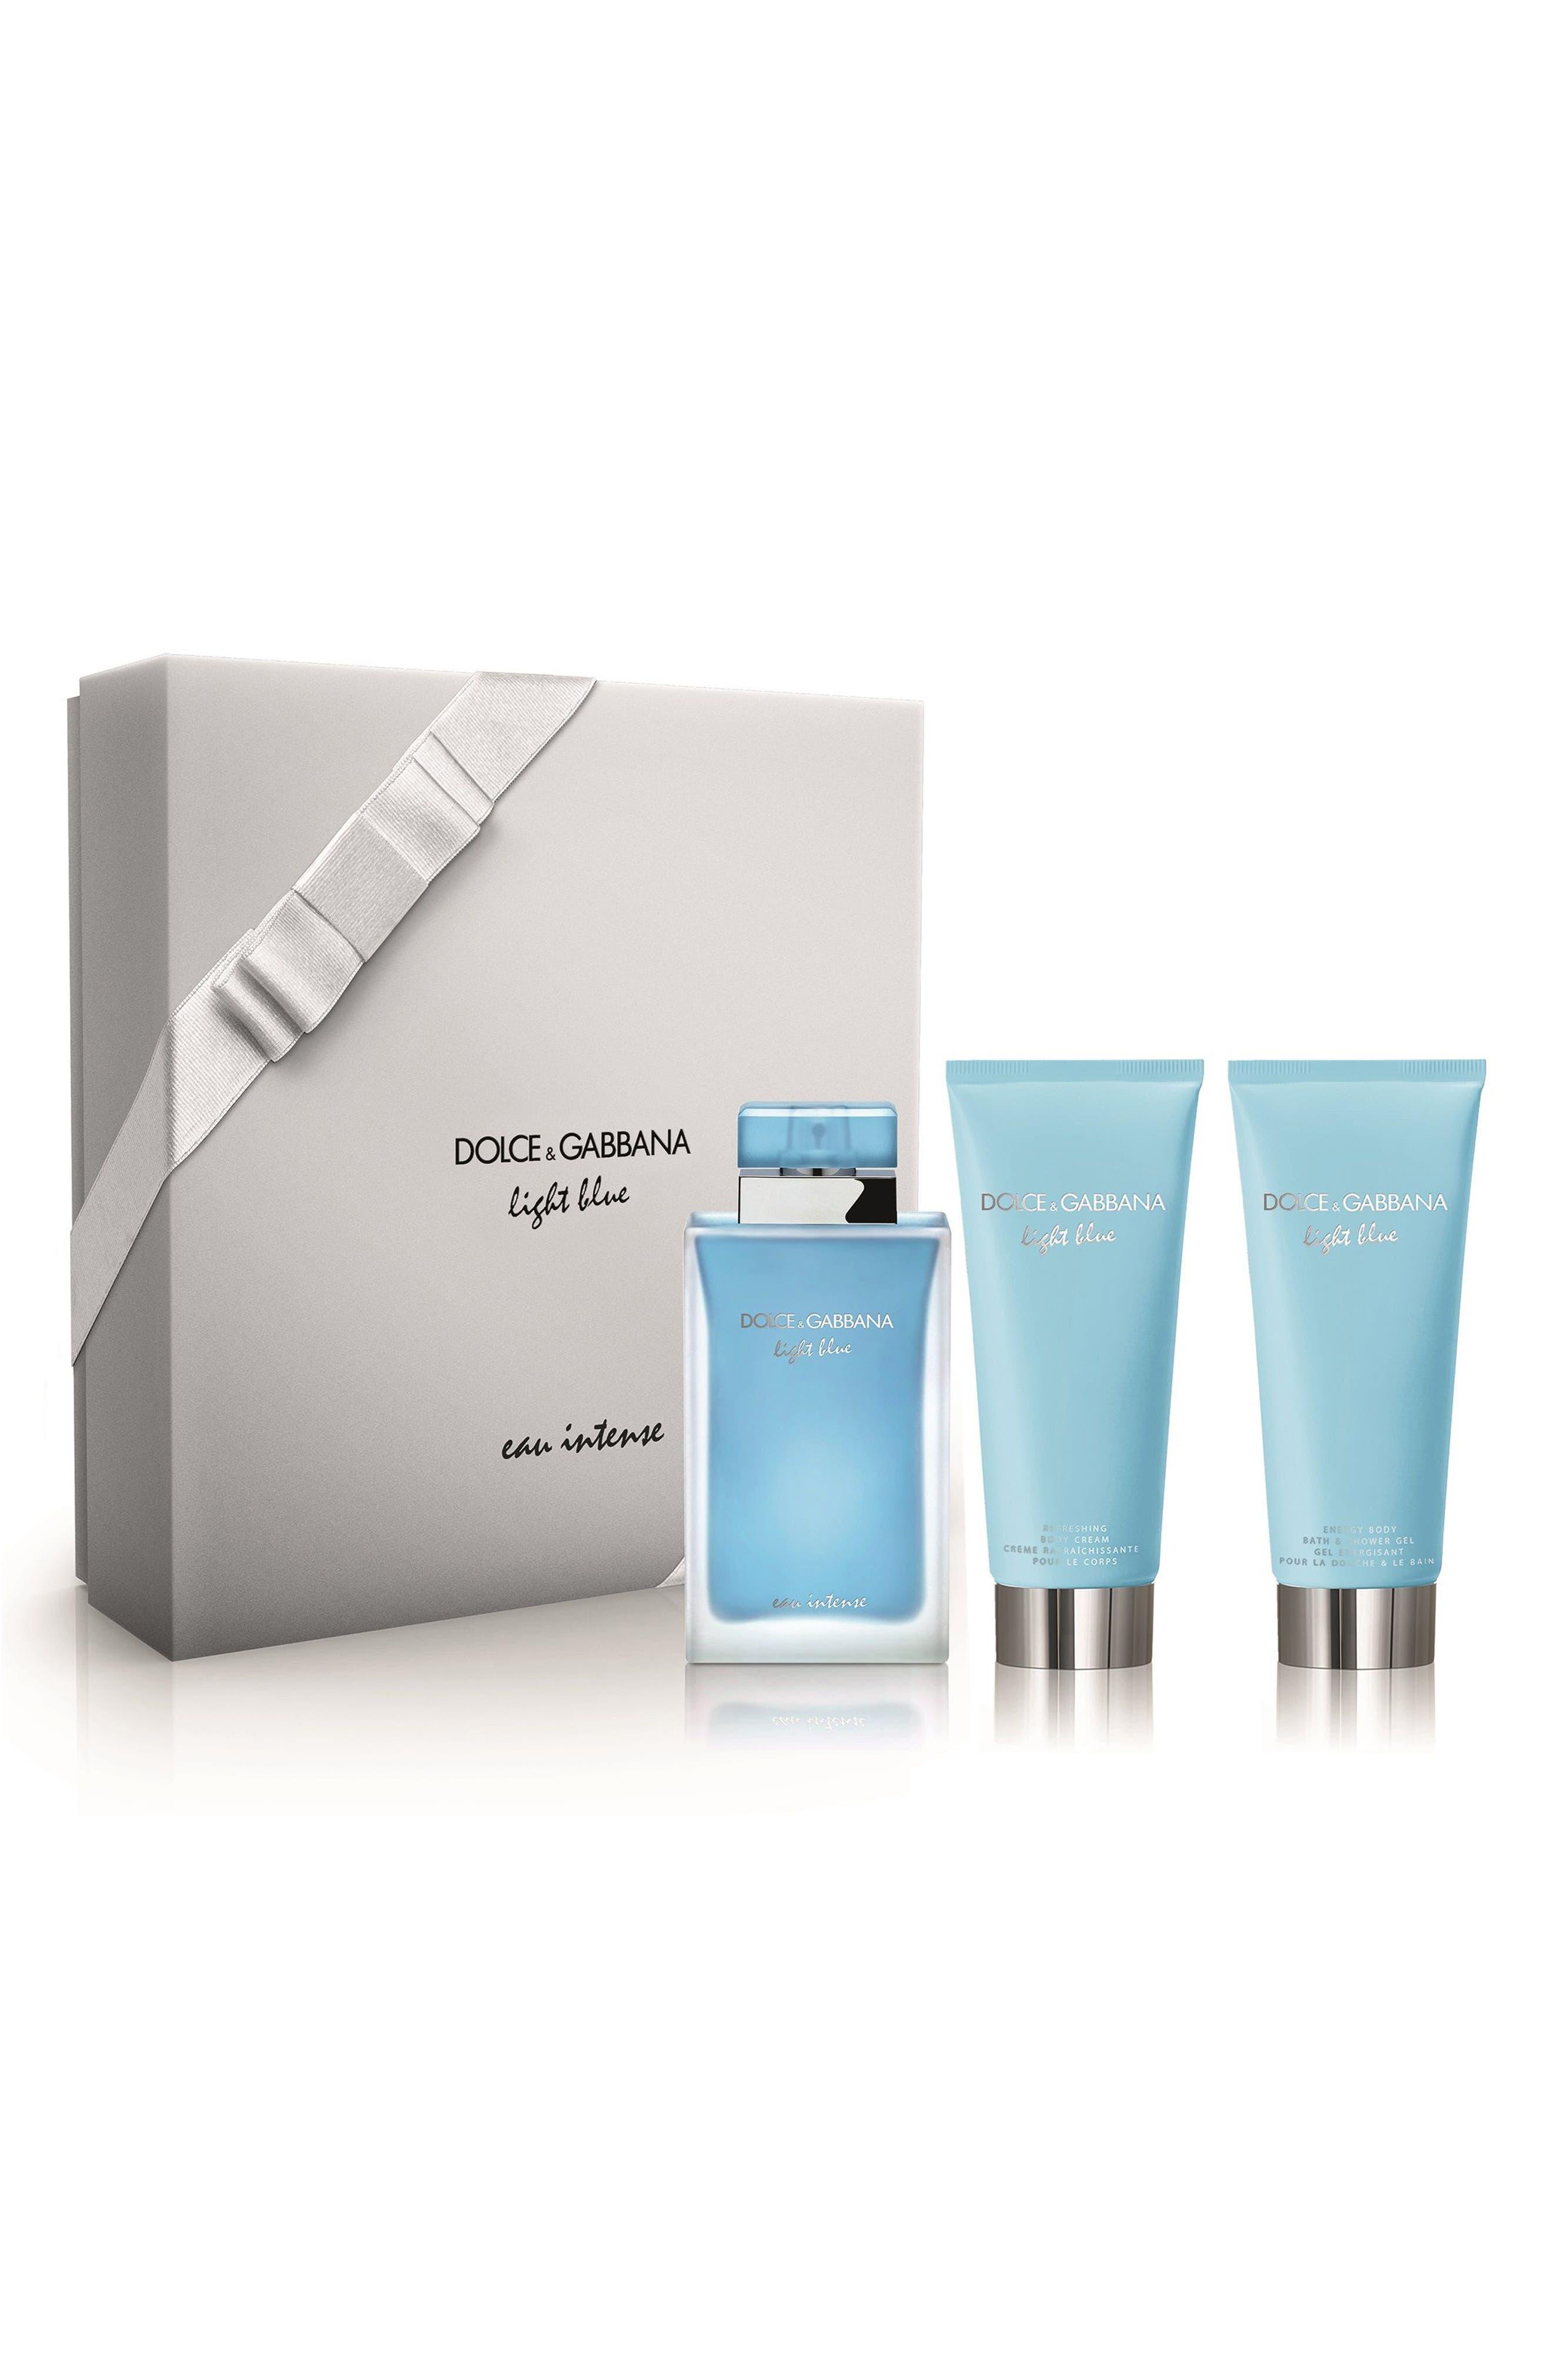 Dolce&Gabbana Light Blue Eau Intense Set,                             Main thumbnail 1, color,                             No Color